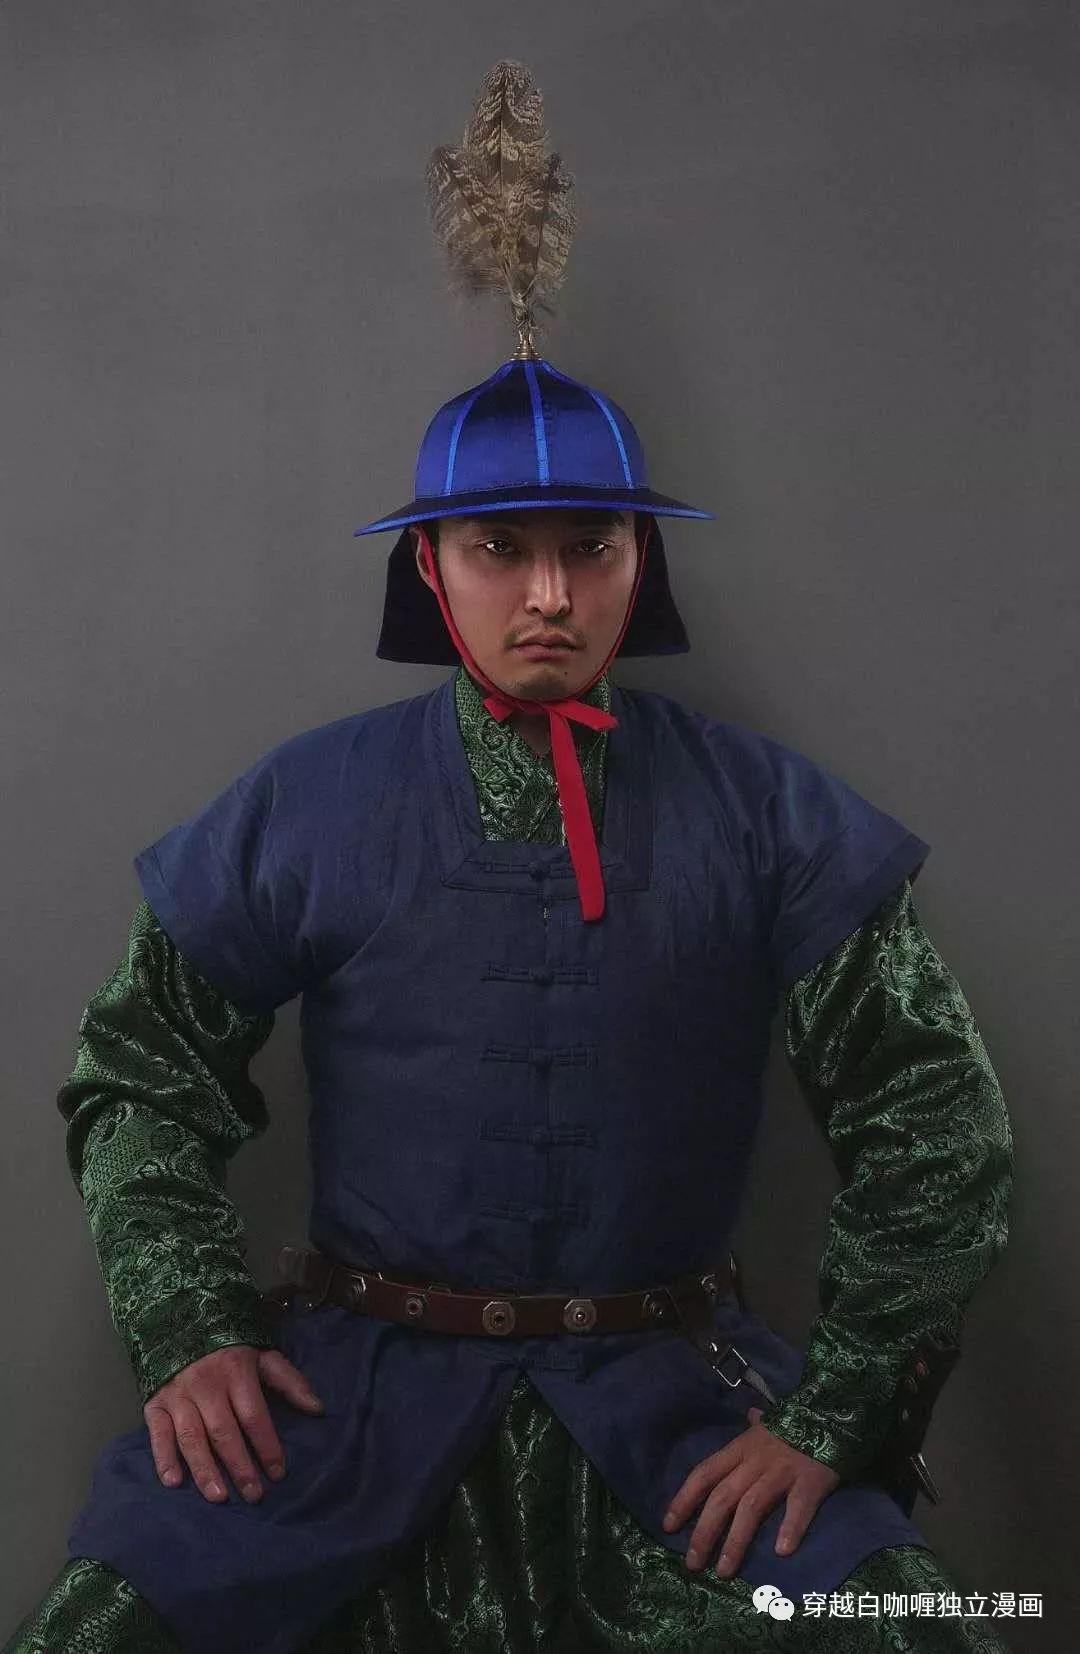 【蒙古文化】什么是蒙古袍? ᠳᠡᠪᠡᠯᠤᠨ ᠲᠤᠬᠠᠢ 第51张 【蒙古文化】什么是蒙古袍? ᠳᠡᠪᠡᠯᠤᠨ ᠲᠤᠬᠠᠢ 蒙古服饰